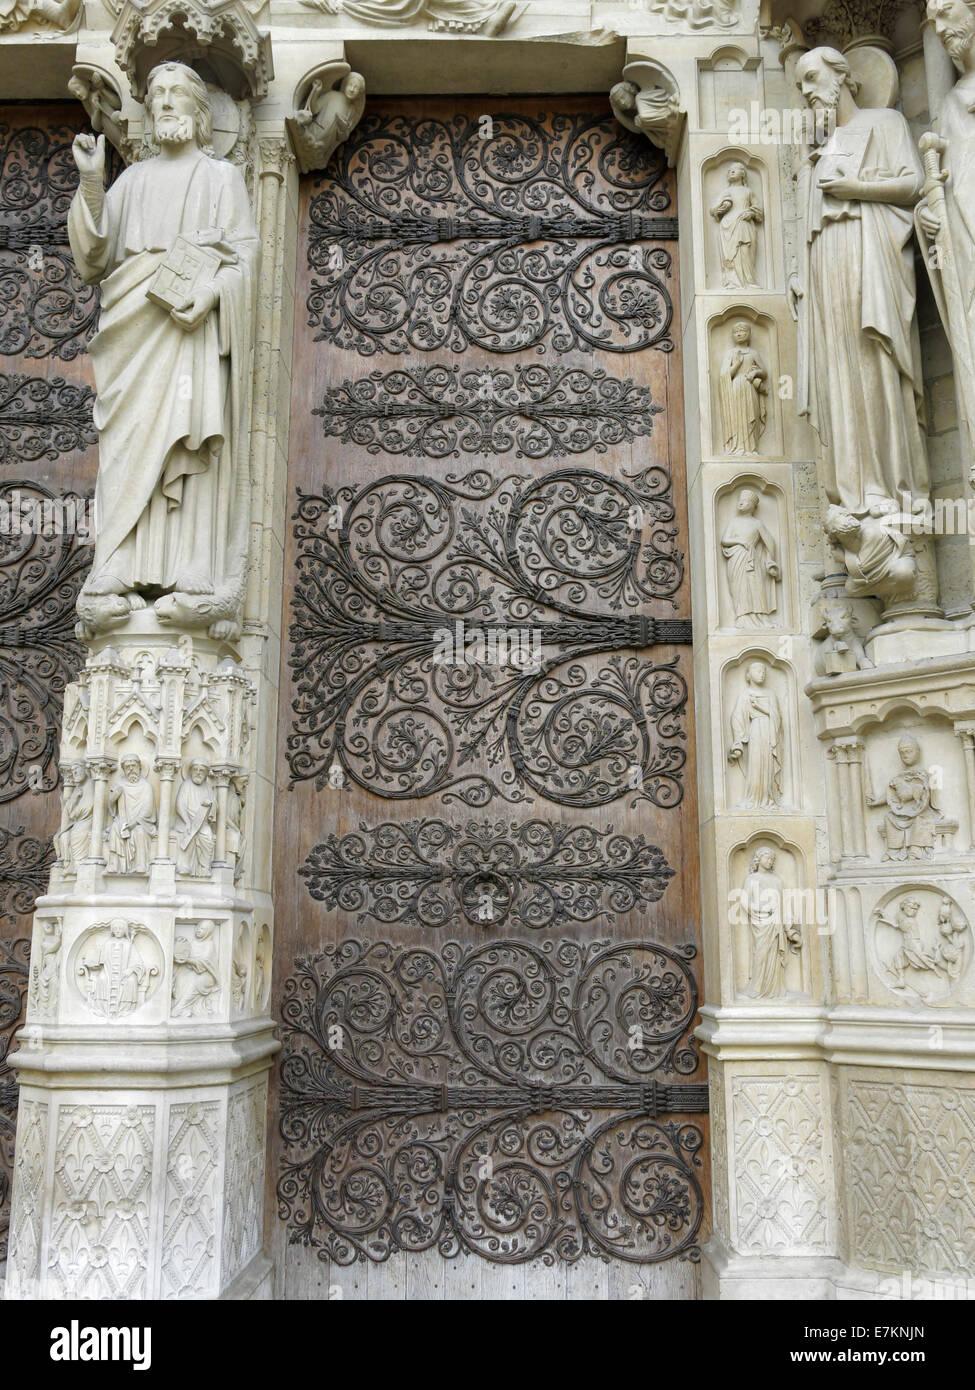 Une porte d'entrée de la cathédrale Notre-Dame de Paris. Banque D'Images